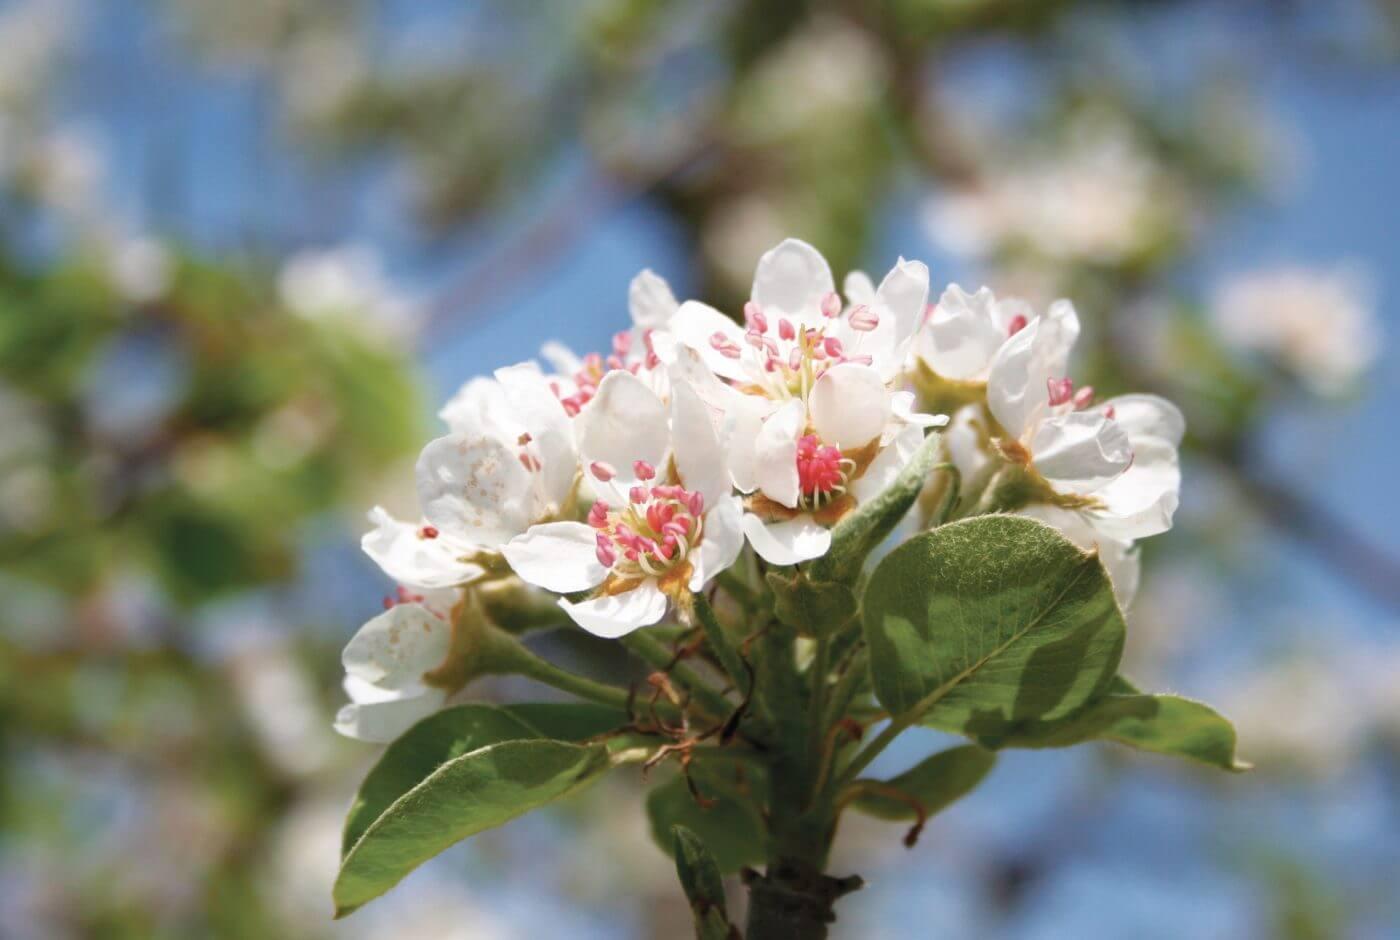 Apfelblüte, Apfelland